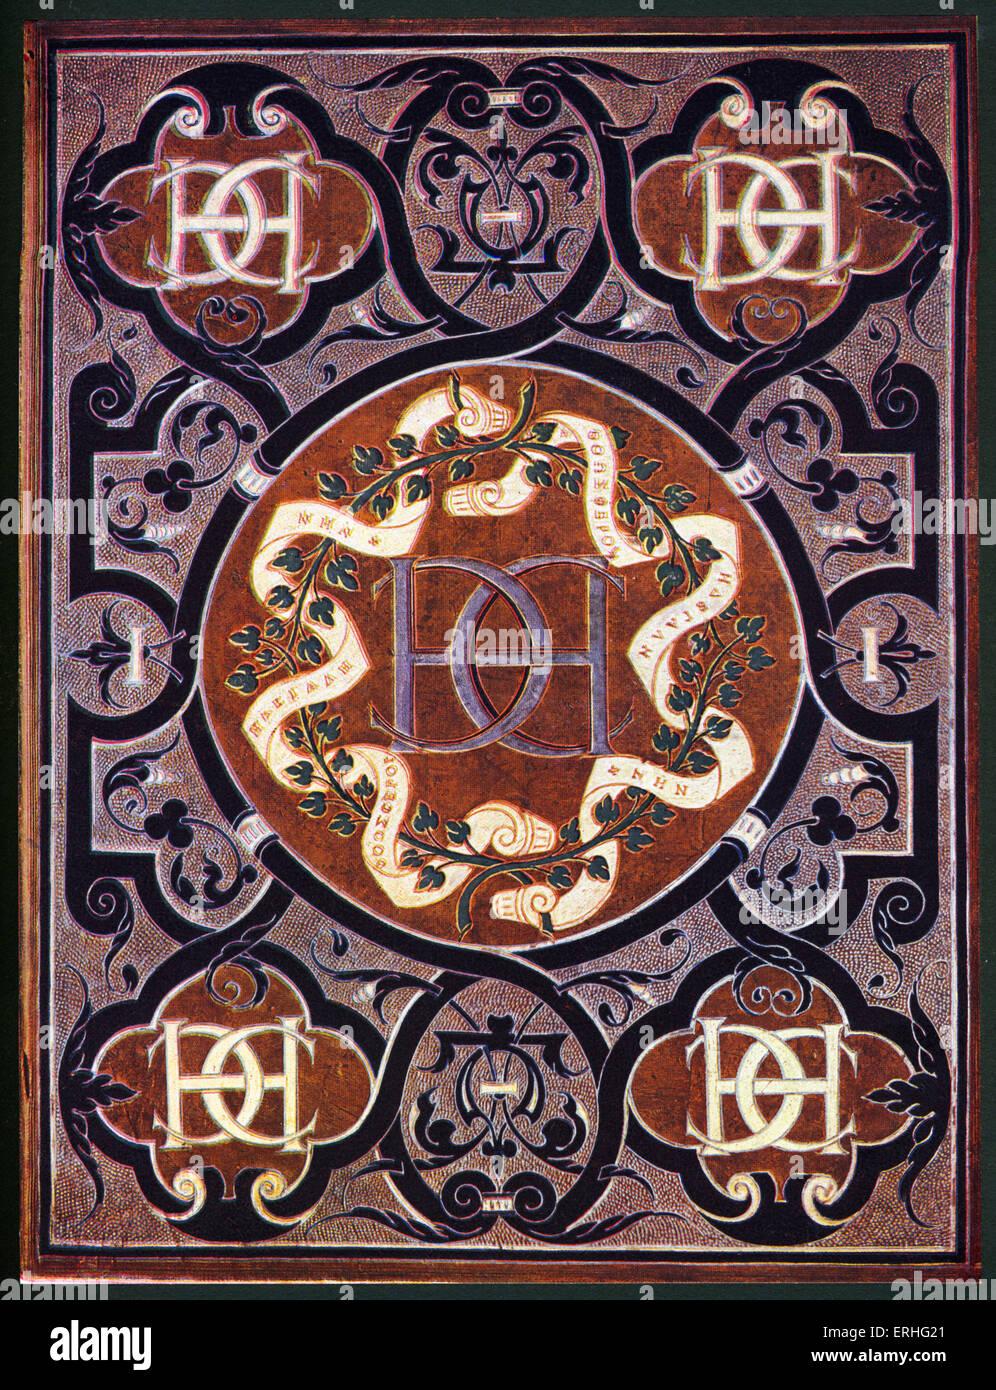 Buchen Sie verbindlich - aus dem 16. Jahrhundert. Für Königin Catherine der Medici, mit Initialen H + Stockbild